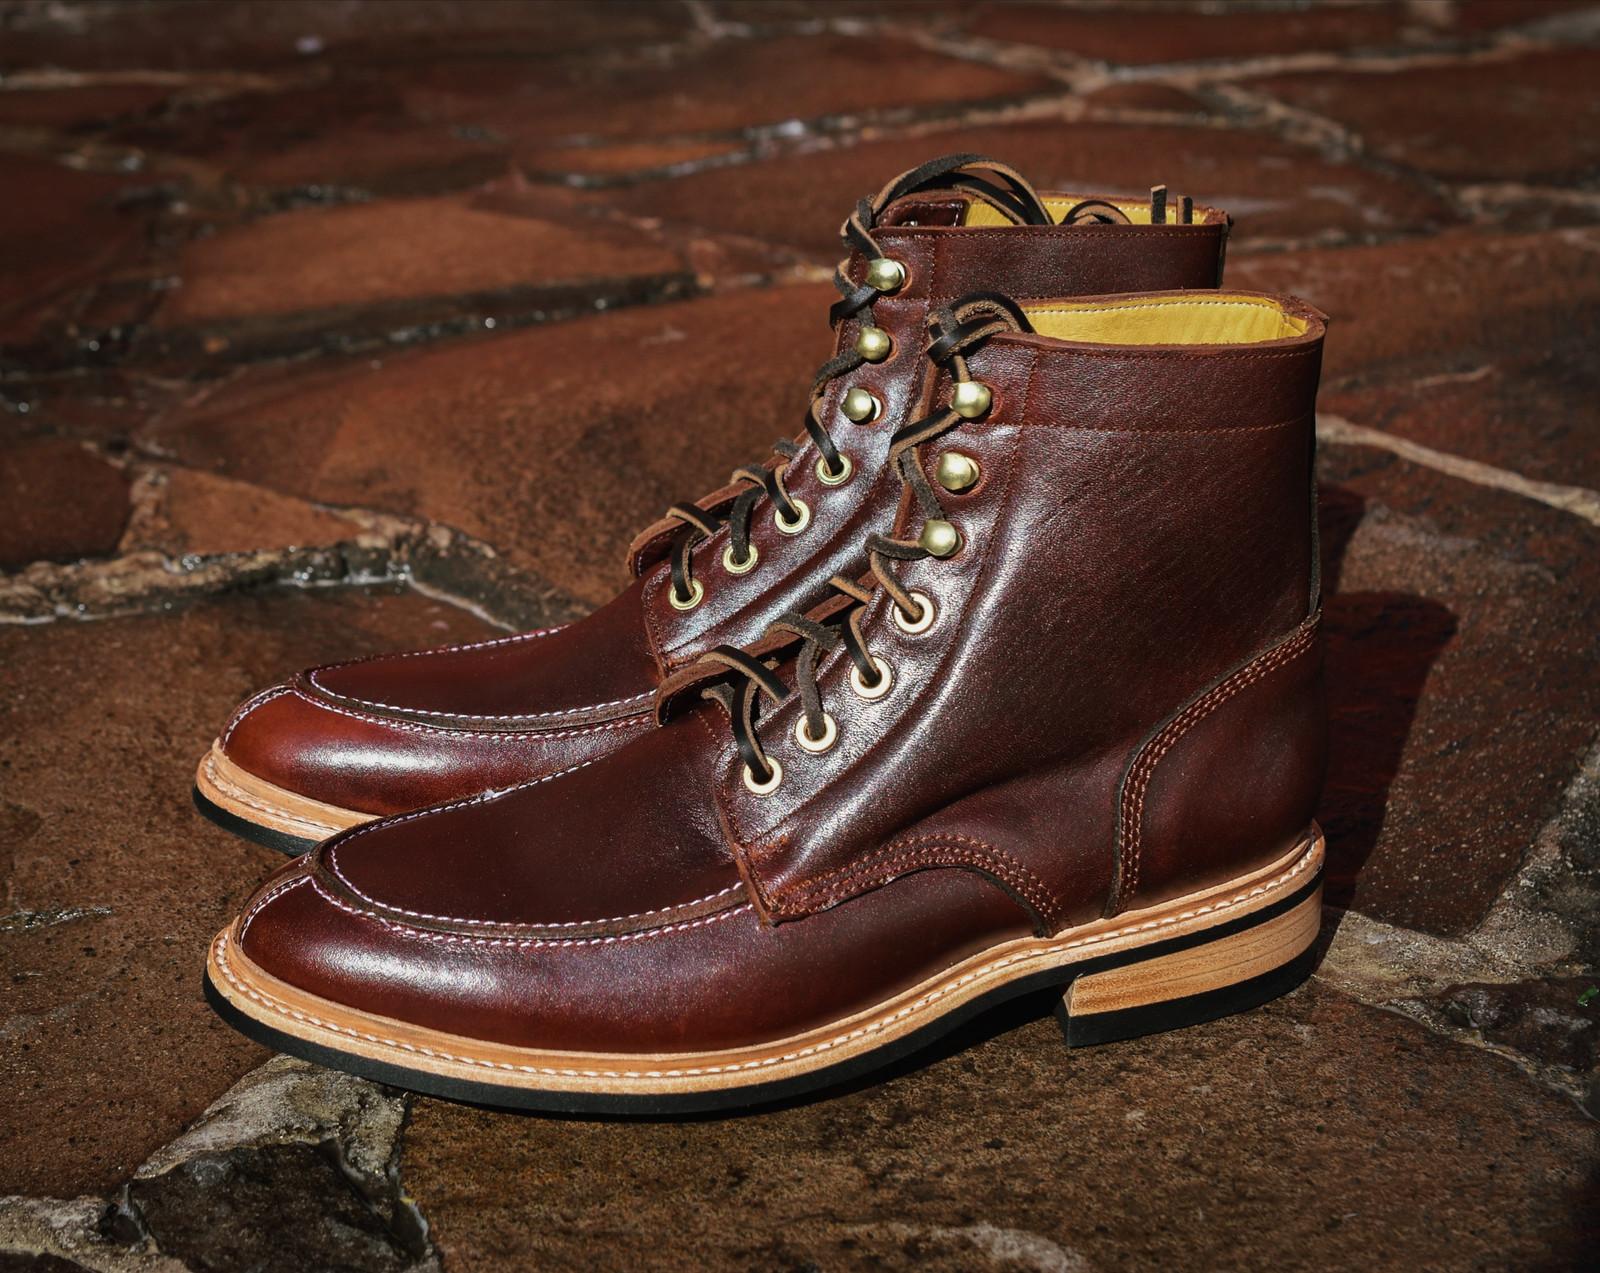 HORWEEN BOUNDARY FOOTWEAR